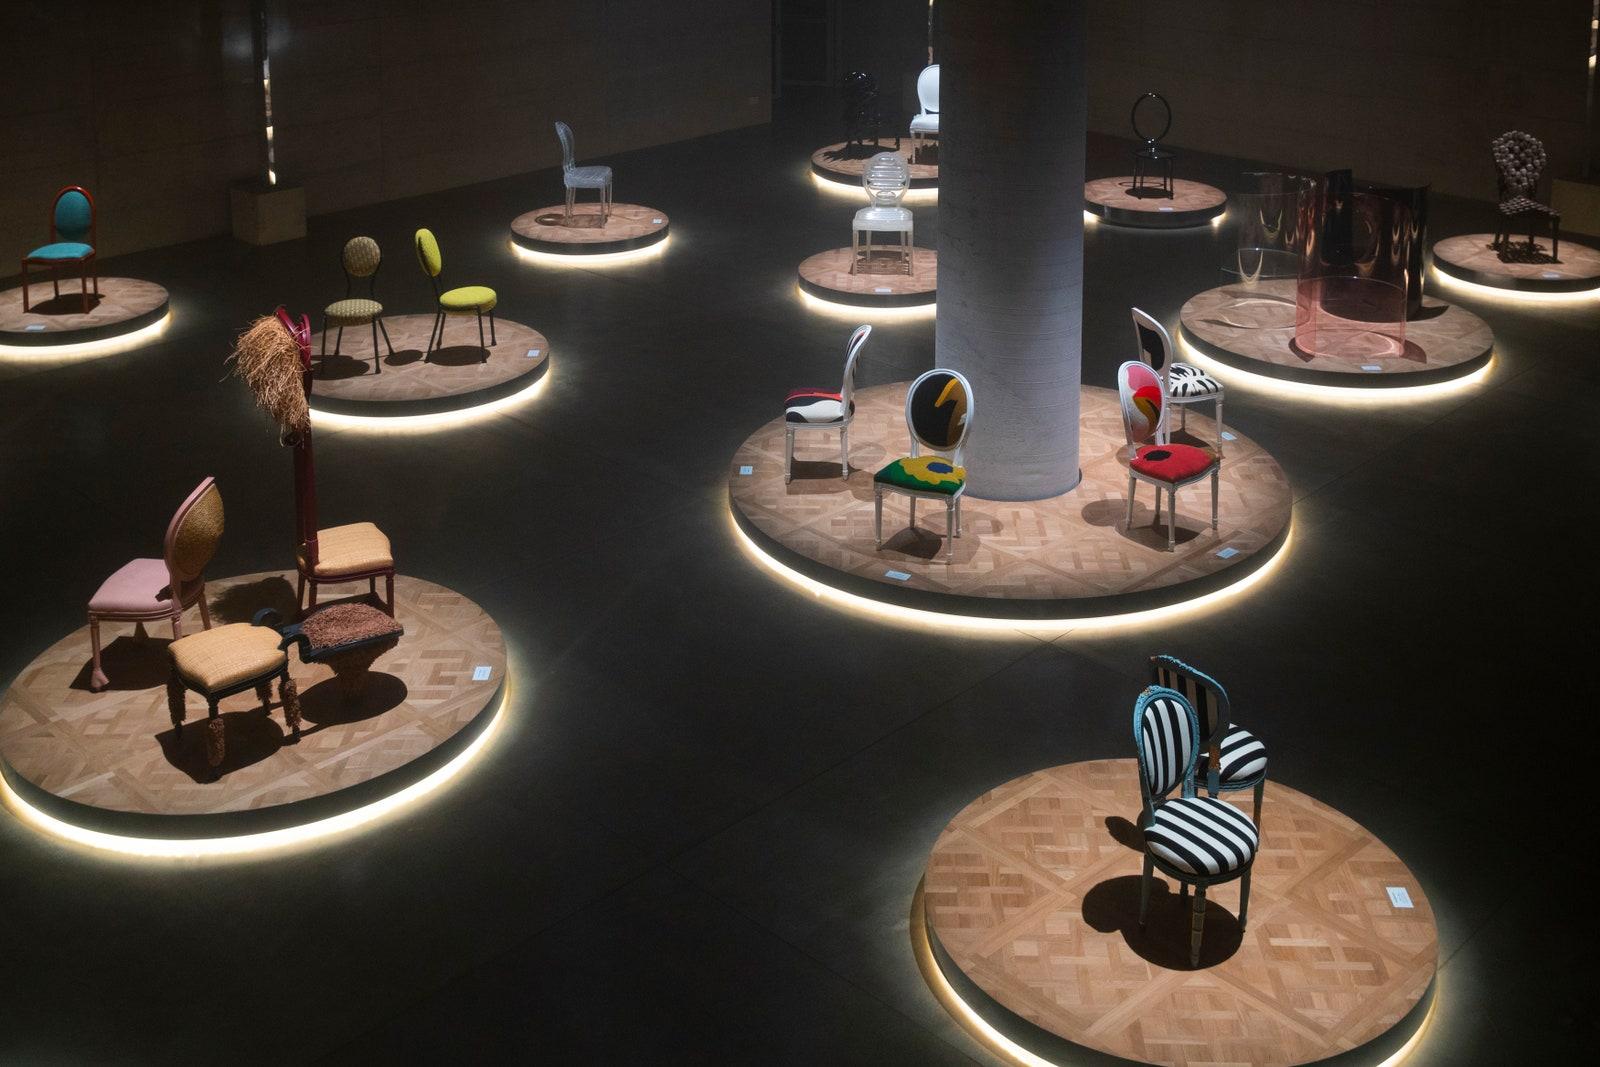 Миланы дизайны долоо хоног 2021: Хамгийн өвөрмөц тавилга болон гэрийн чимэглэлүүд (фото 5)